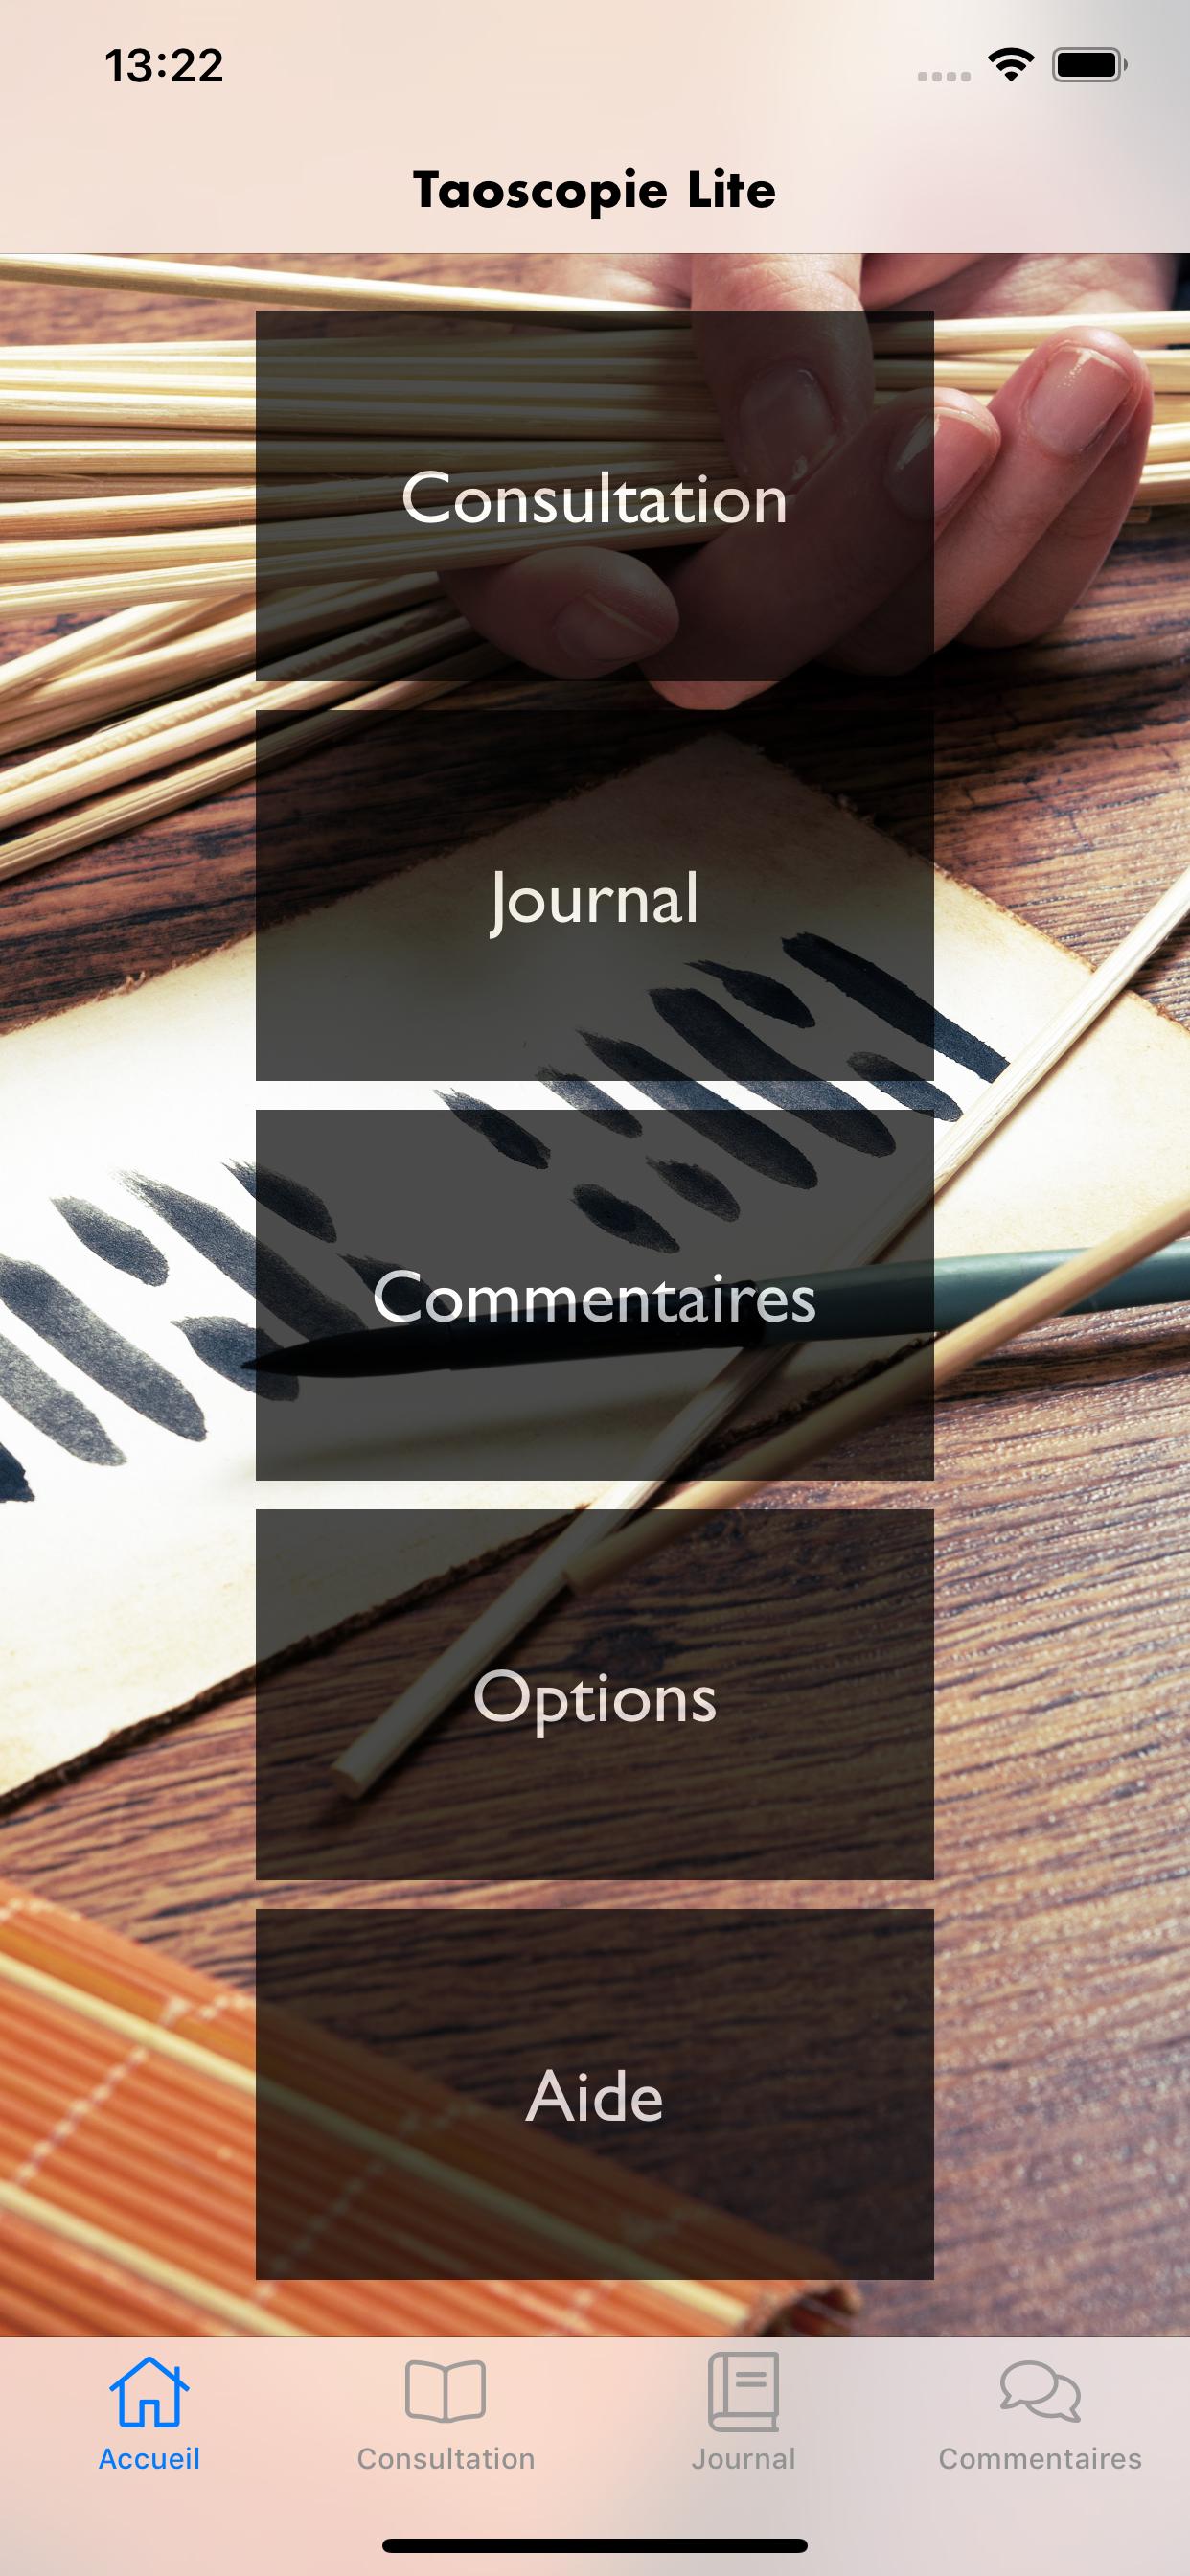 Taoscopie Lite pour iOS : plus de limitations mais des annonces